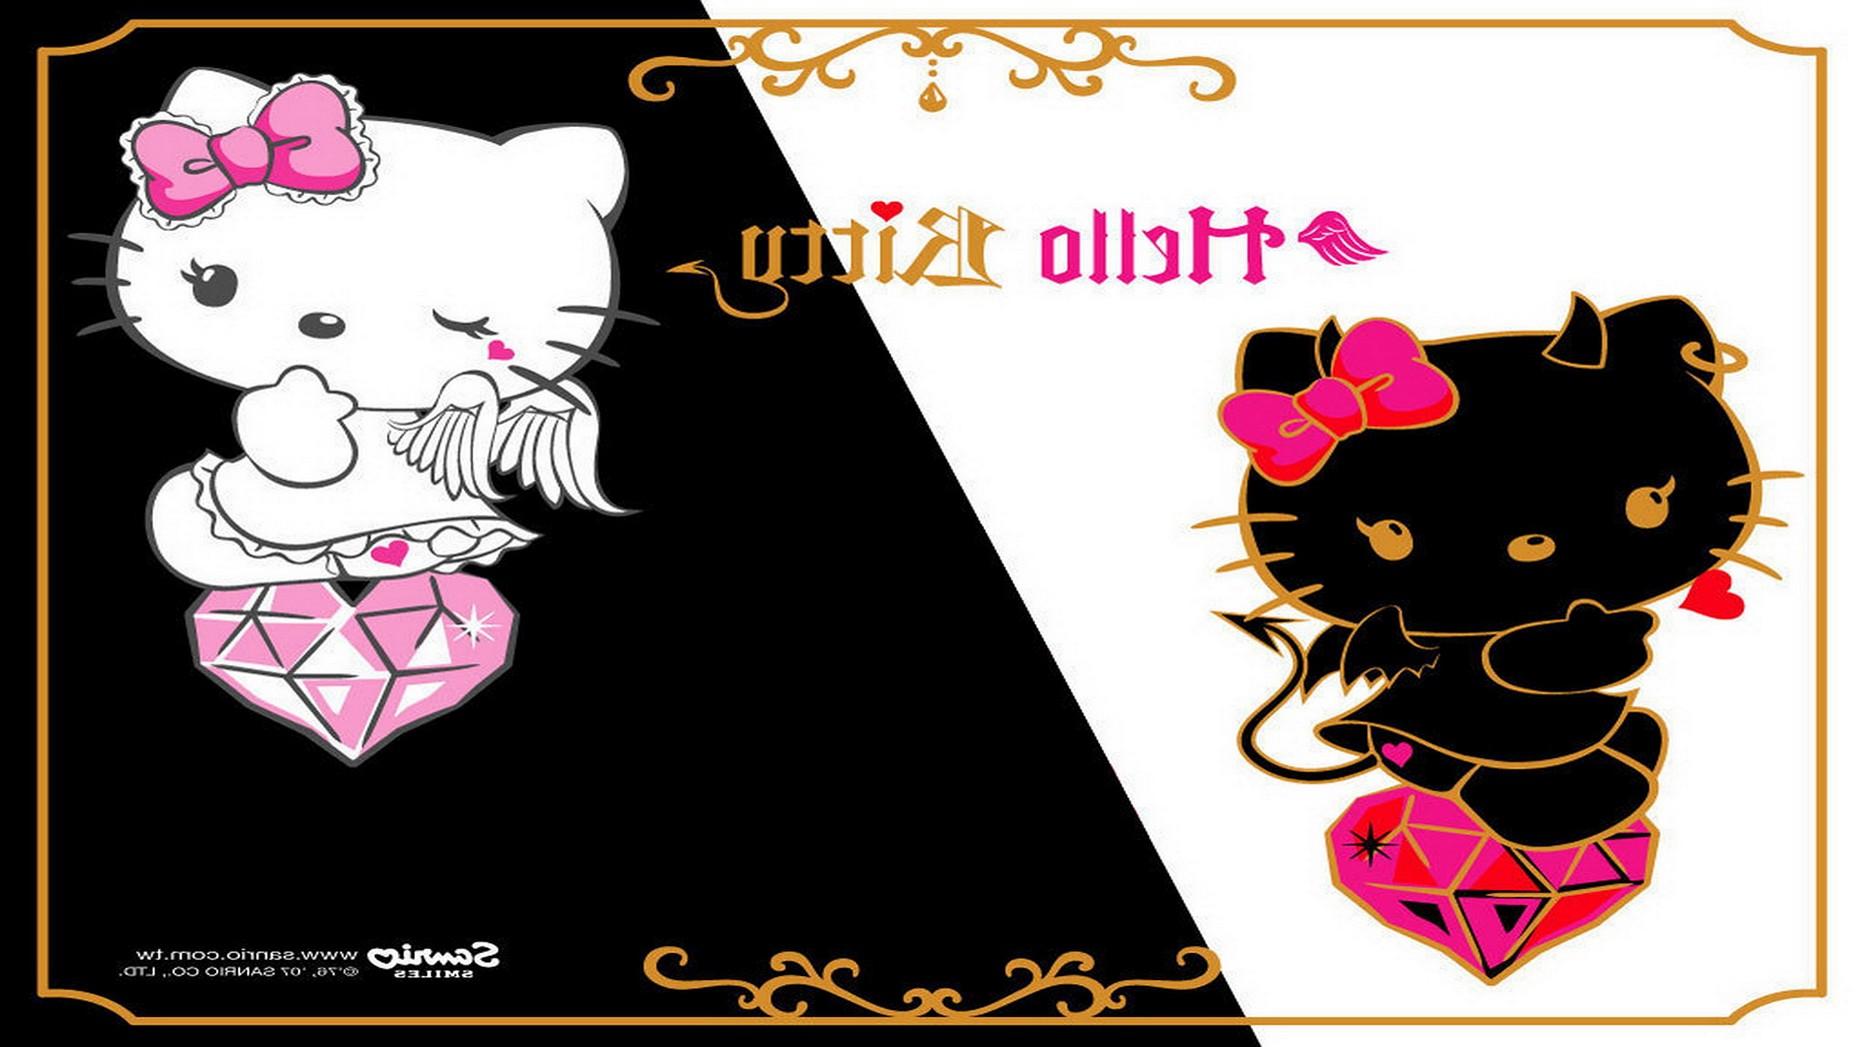 Fantastic Wallpaper Hello Kitty Angel - fCnv6e  Trends_626863.jpg